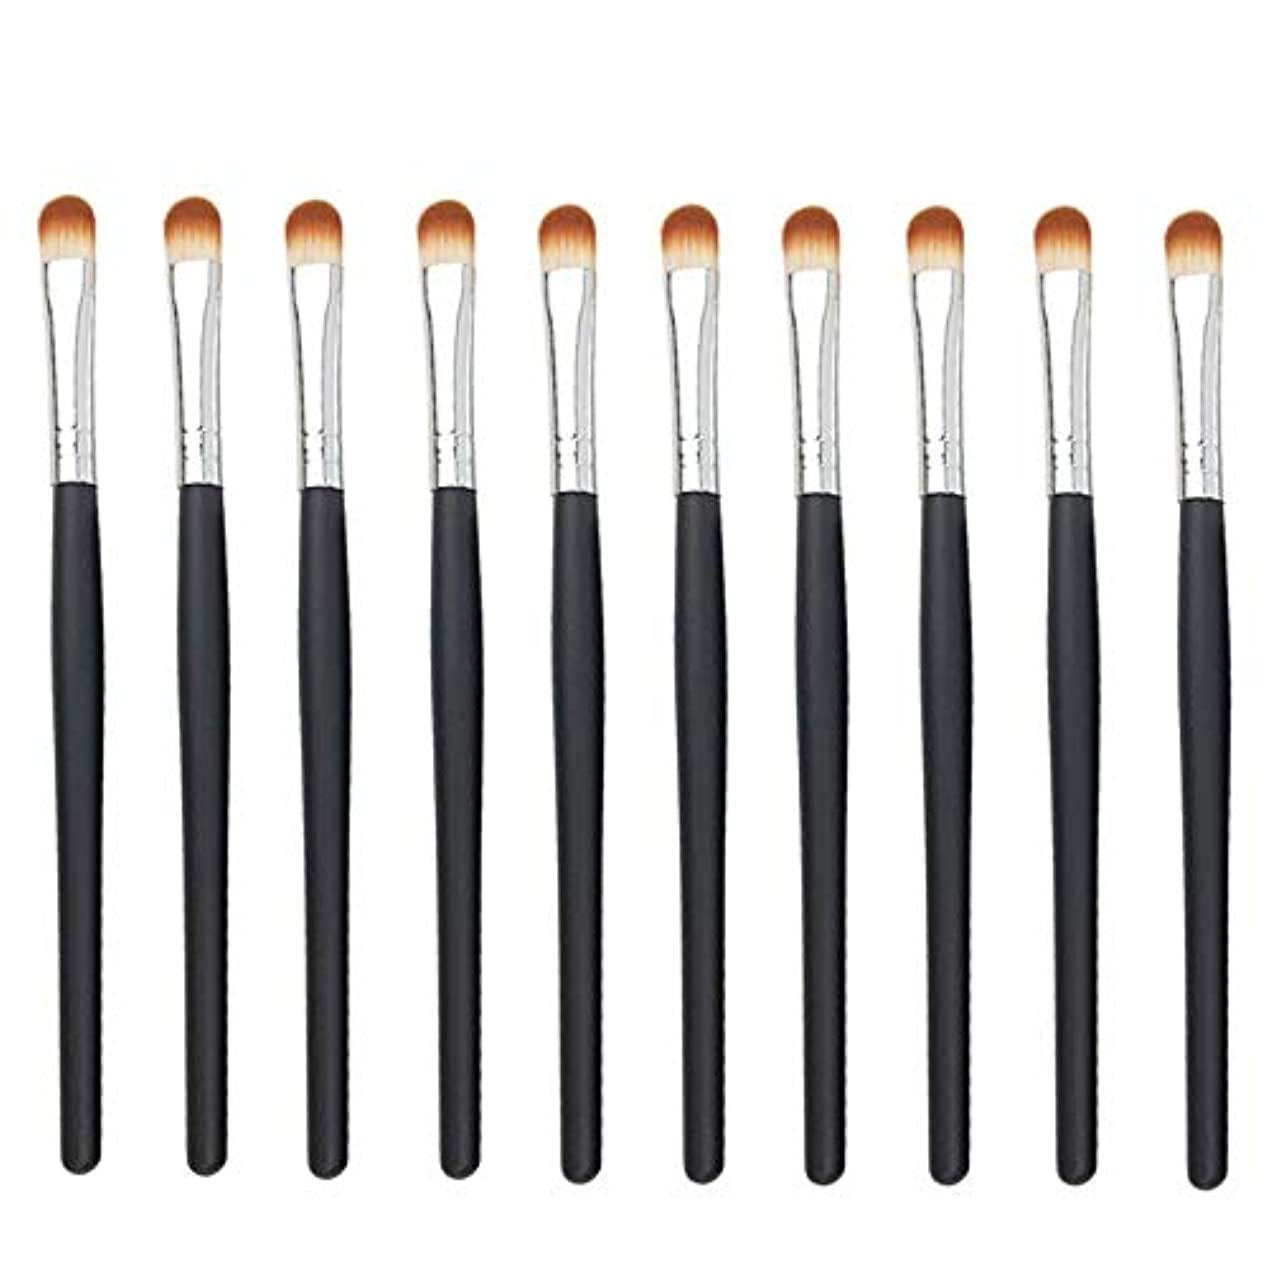 合併症ソケット現実的Makeup brushes 黒いハンドル、初心者および専門家に望ましいアイシャドウブラシアイメイクブラシ10スティックアイメイクブラシ suits (Color : Black Silver)